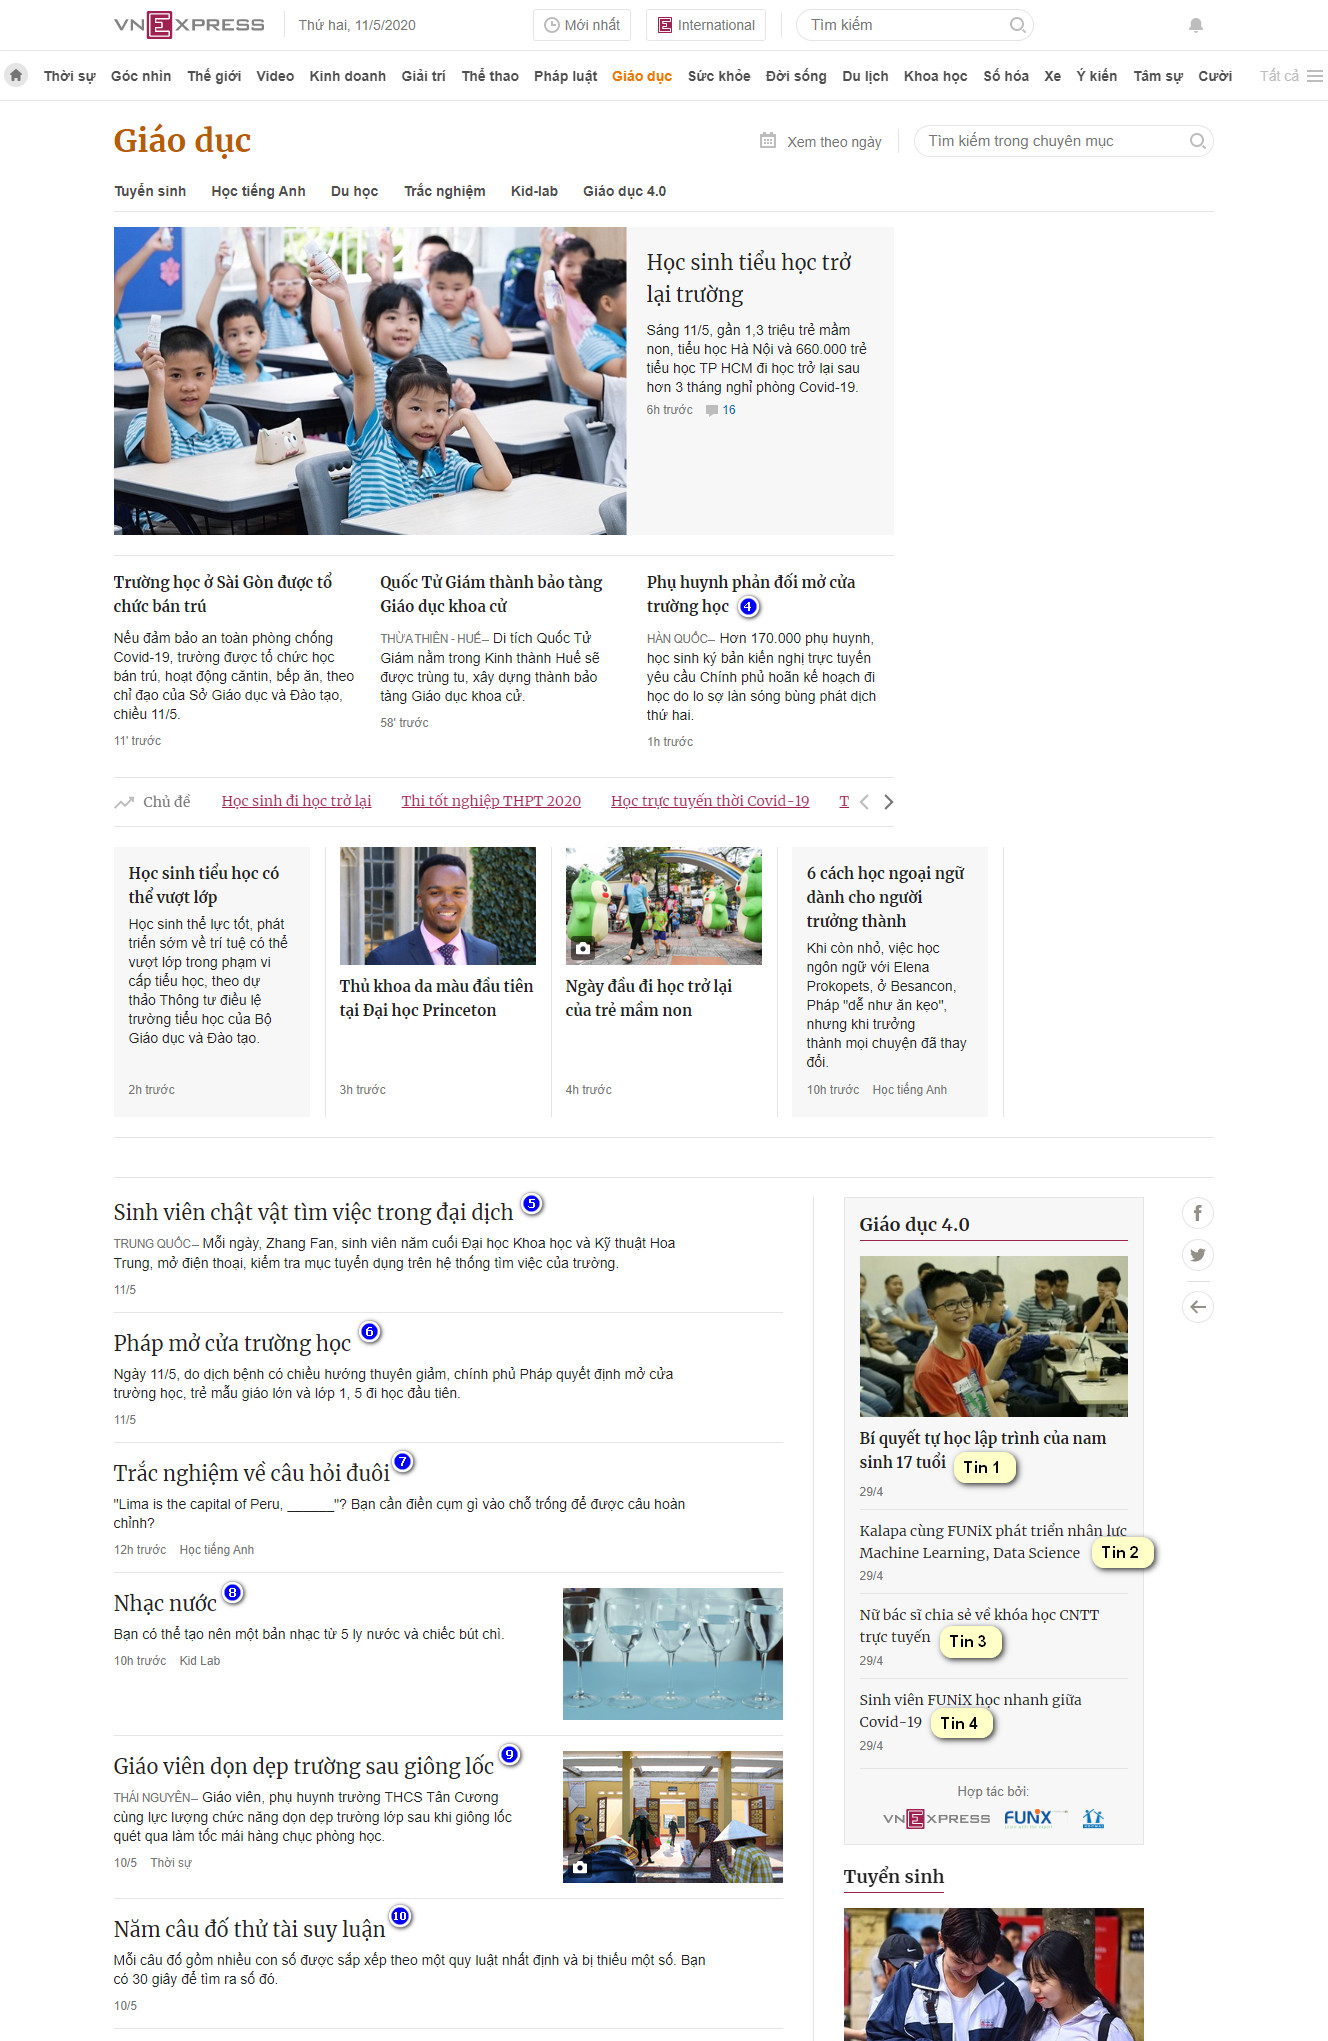 Vị trí đăng quảng cáo chuyên mục giáo dục báo VnExpress.net